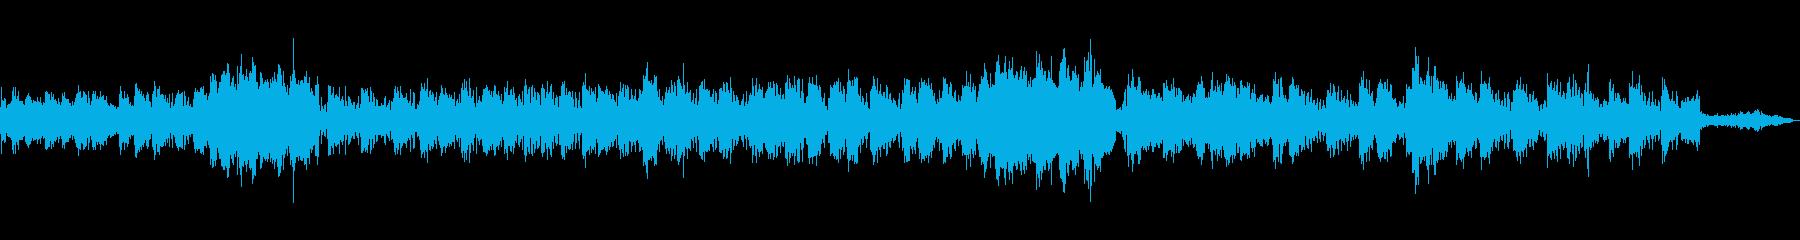 1980年代のビデオアーケード:ア...の再生済みの波形